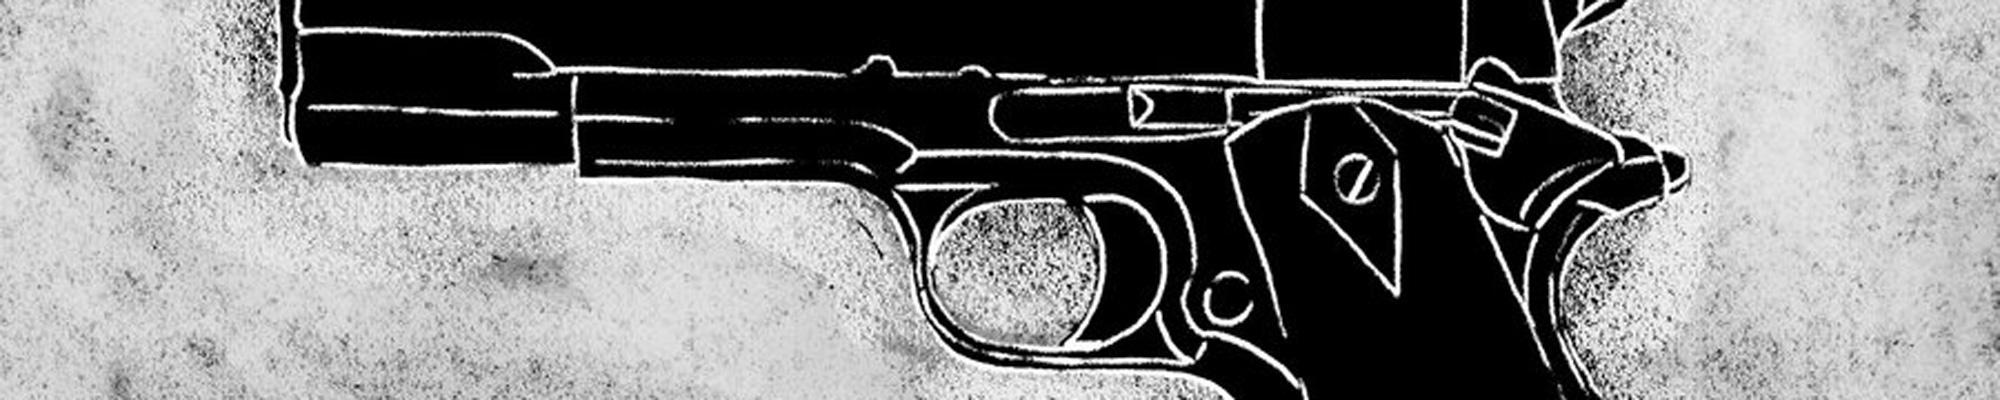 我看到枪,偶尔有音乐